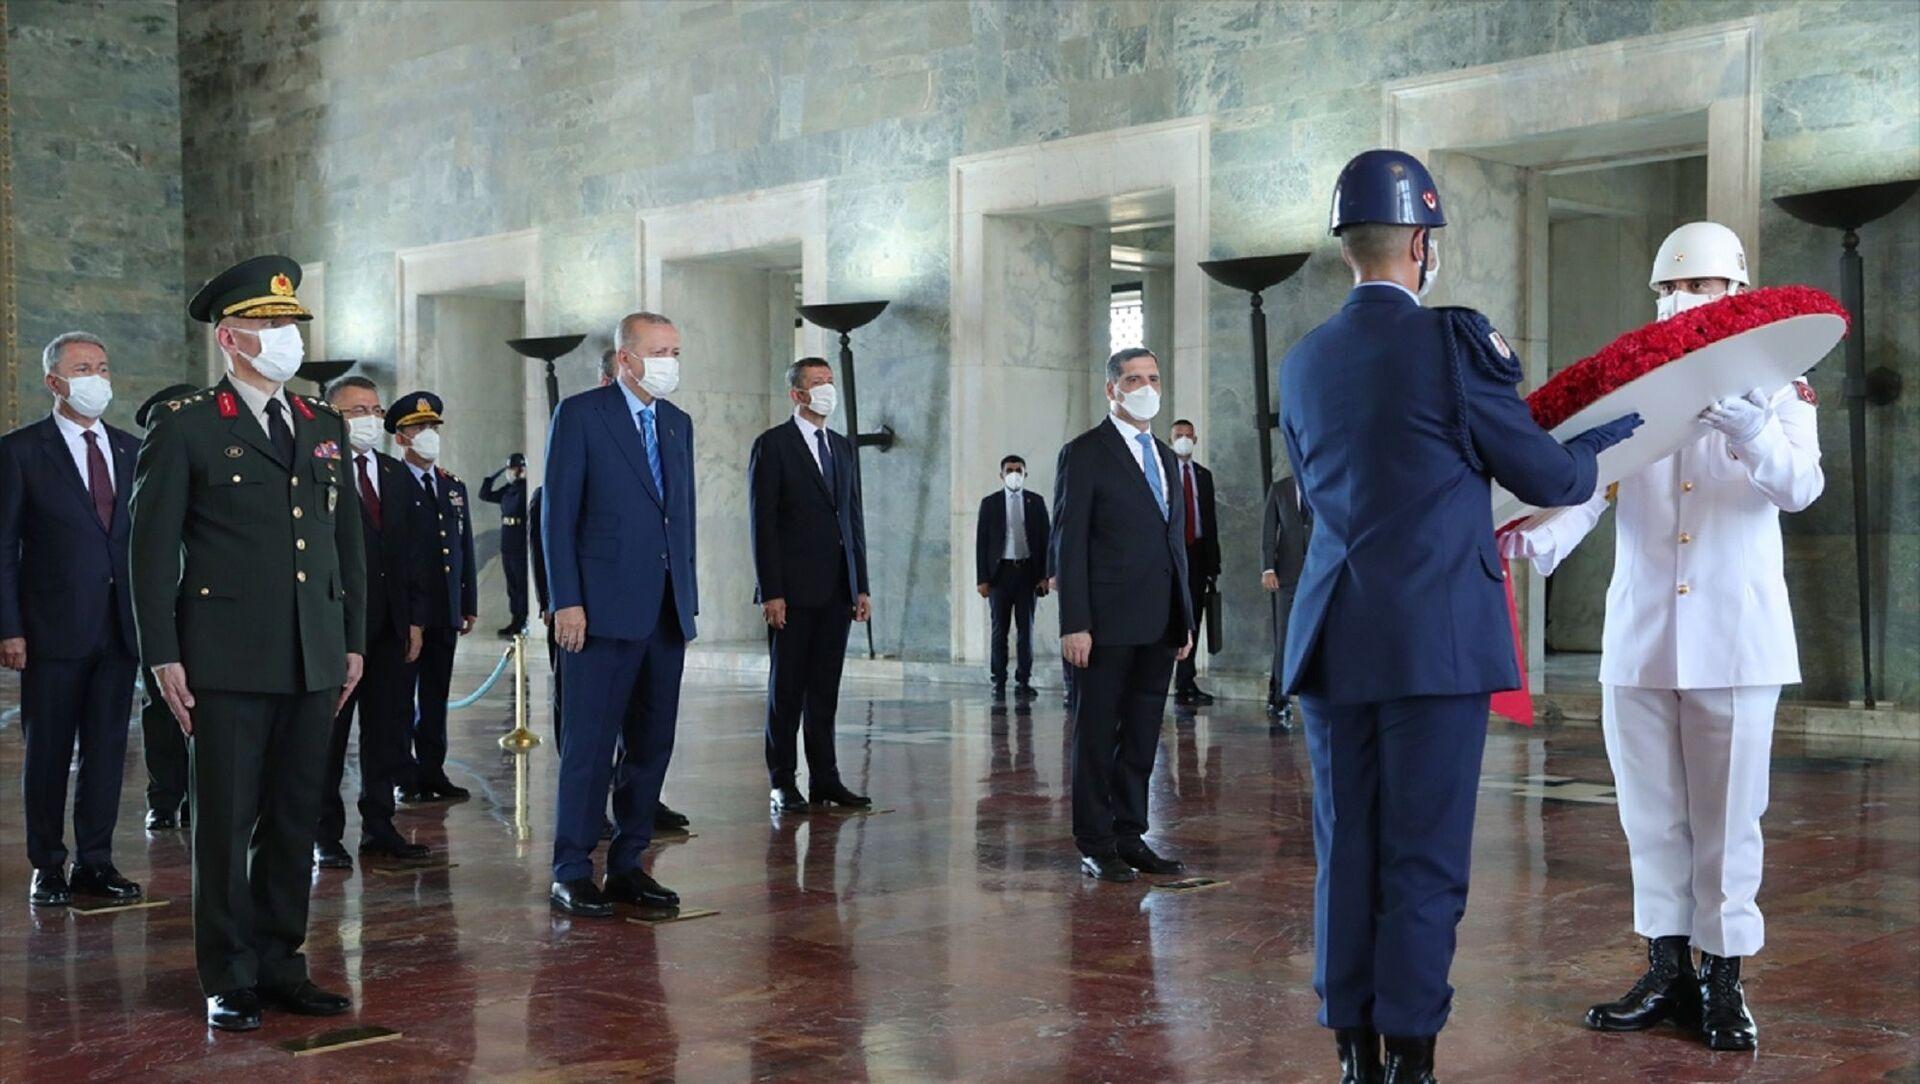 Cumhurbaşkanı Recep Tayyip Erdoğan ve Yüksek Askeri Şura üyeleri Anıtkabir'i ziyaret etti. - Sputnik Türkiye, 1920, 04.08.2021